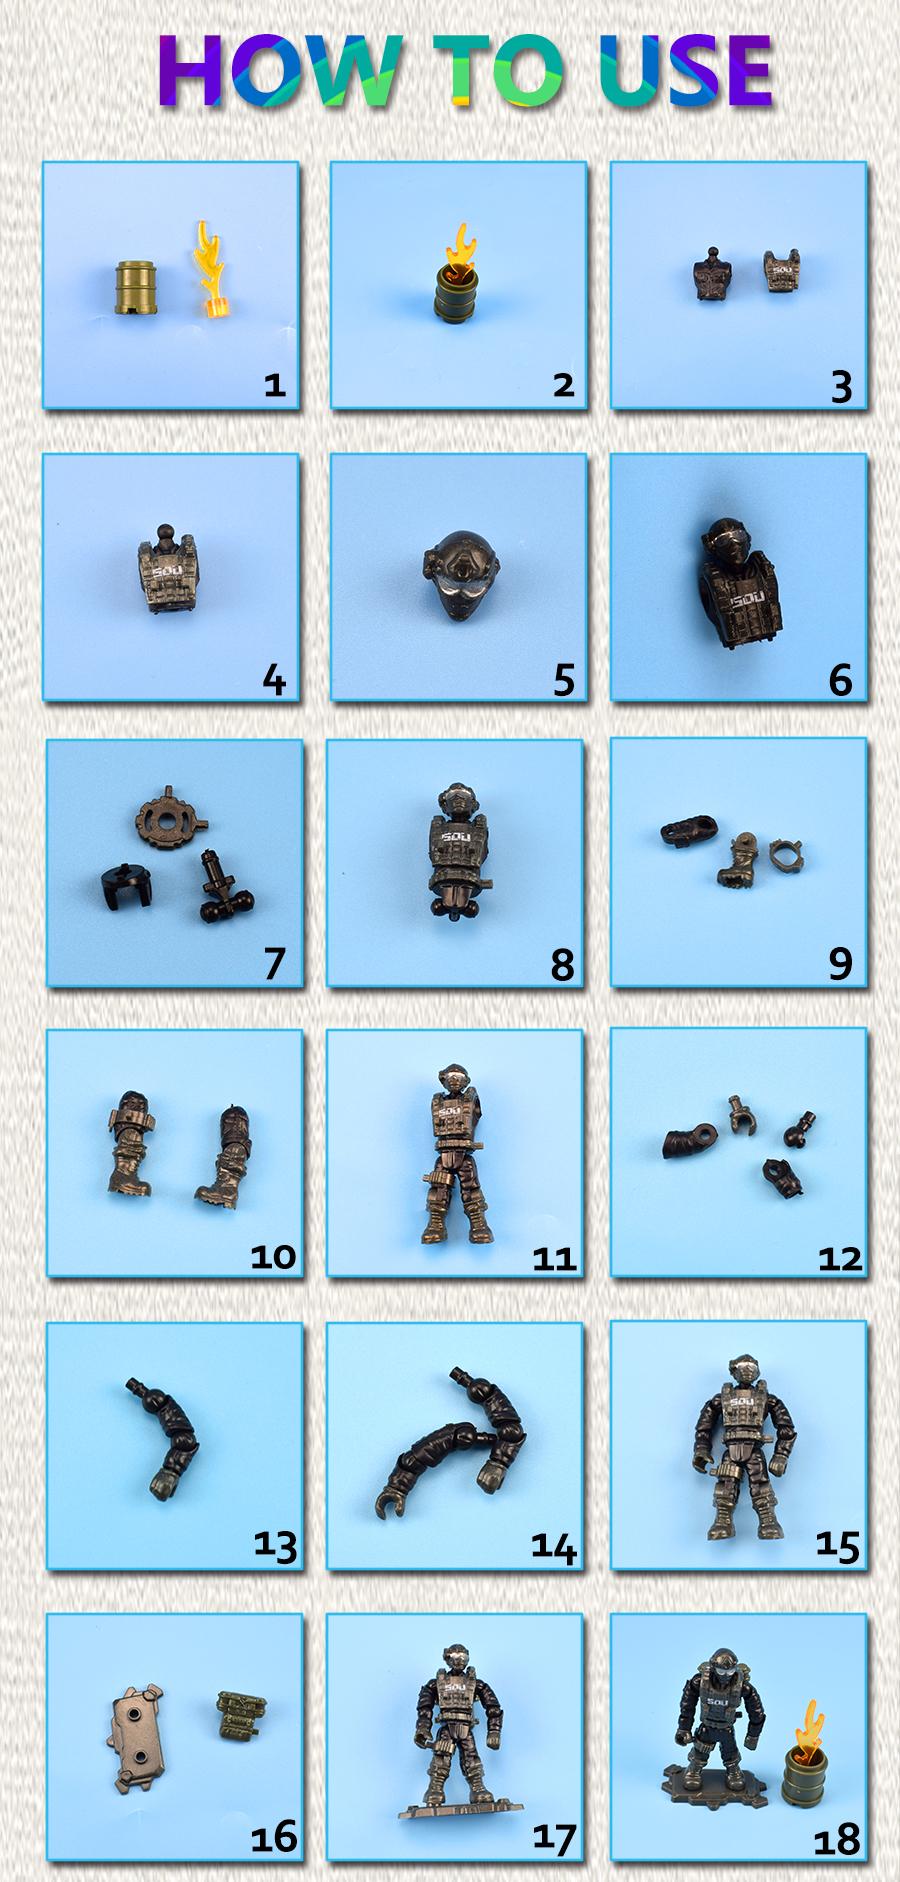 Set 8 Mô Hình Người Lính Quân Đội Đồ Chơi Cho Bé